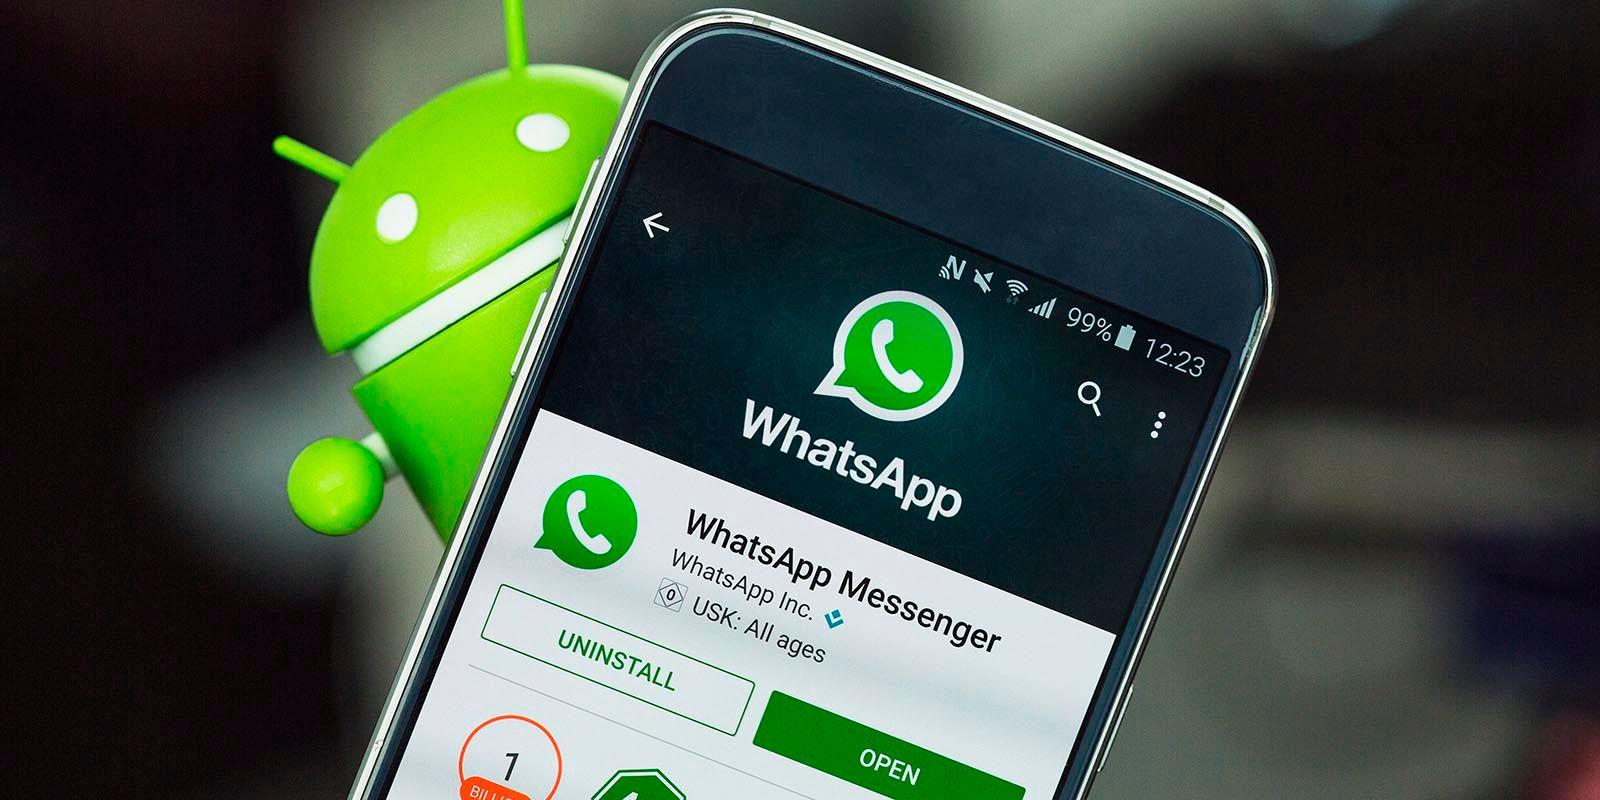 Como descargar WhatsApp Beta Android